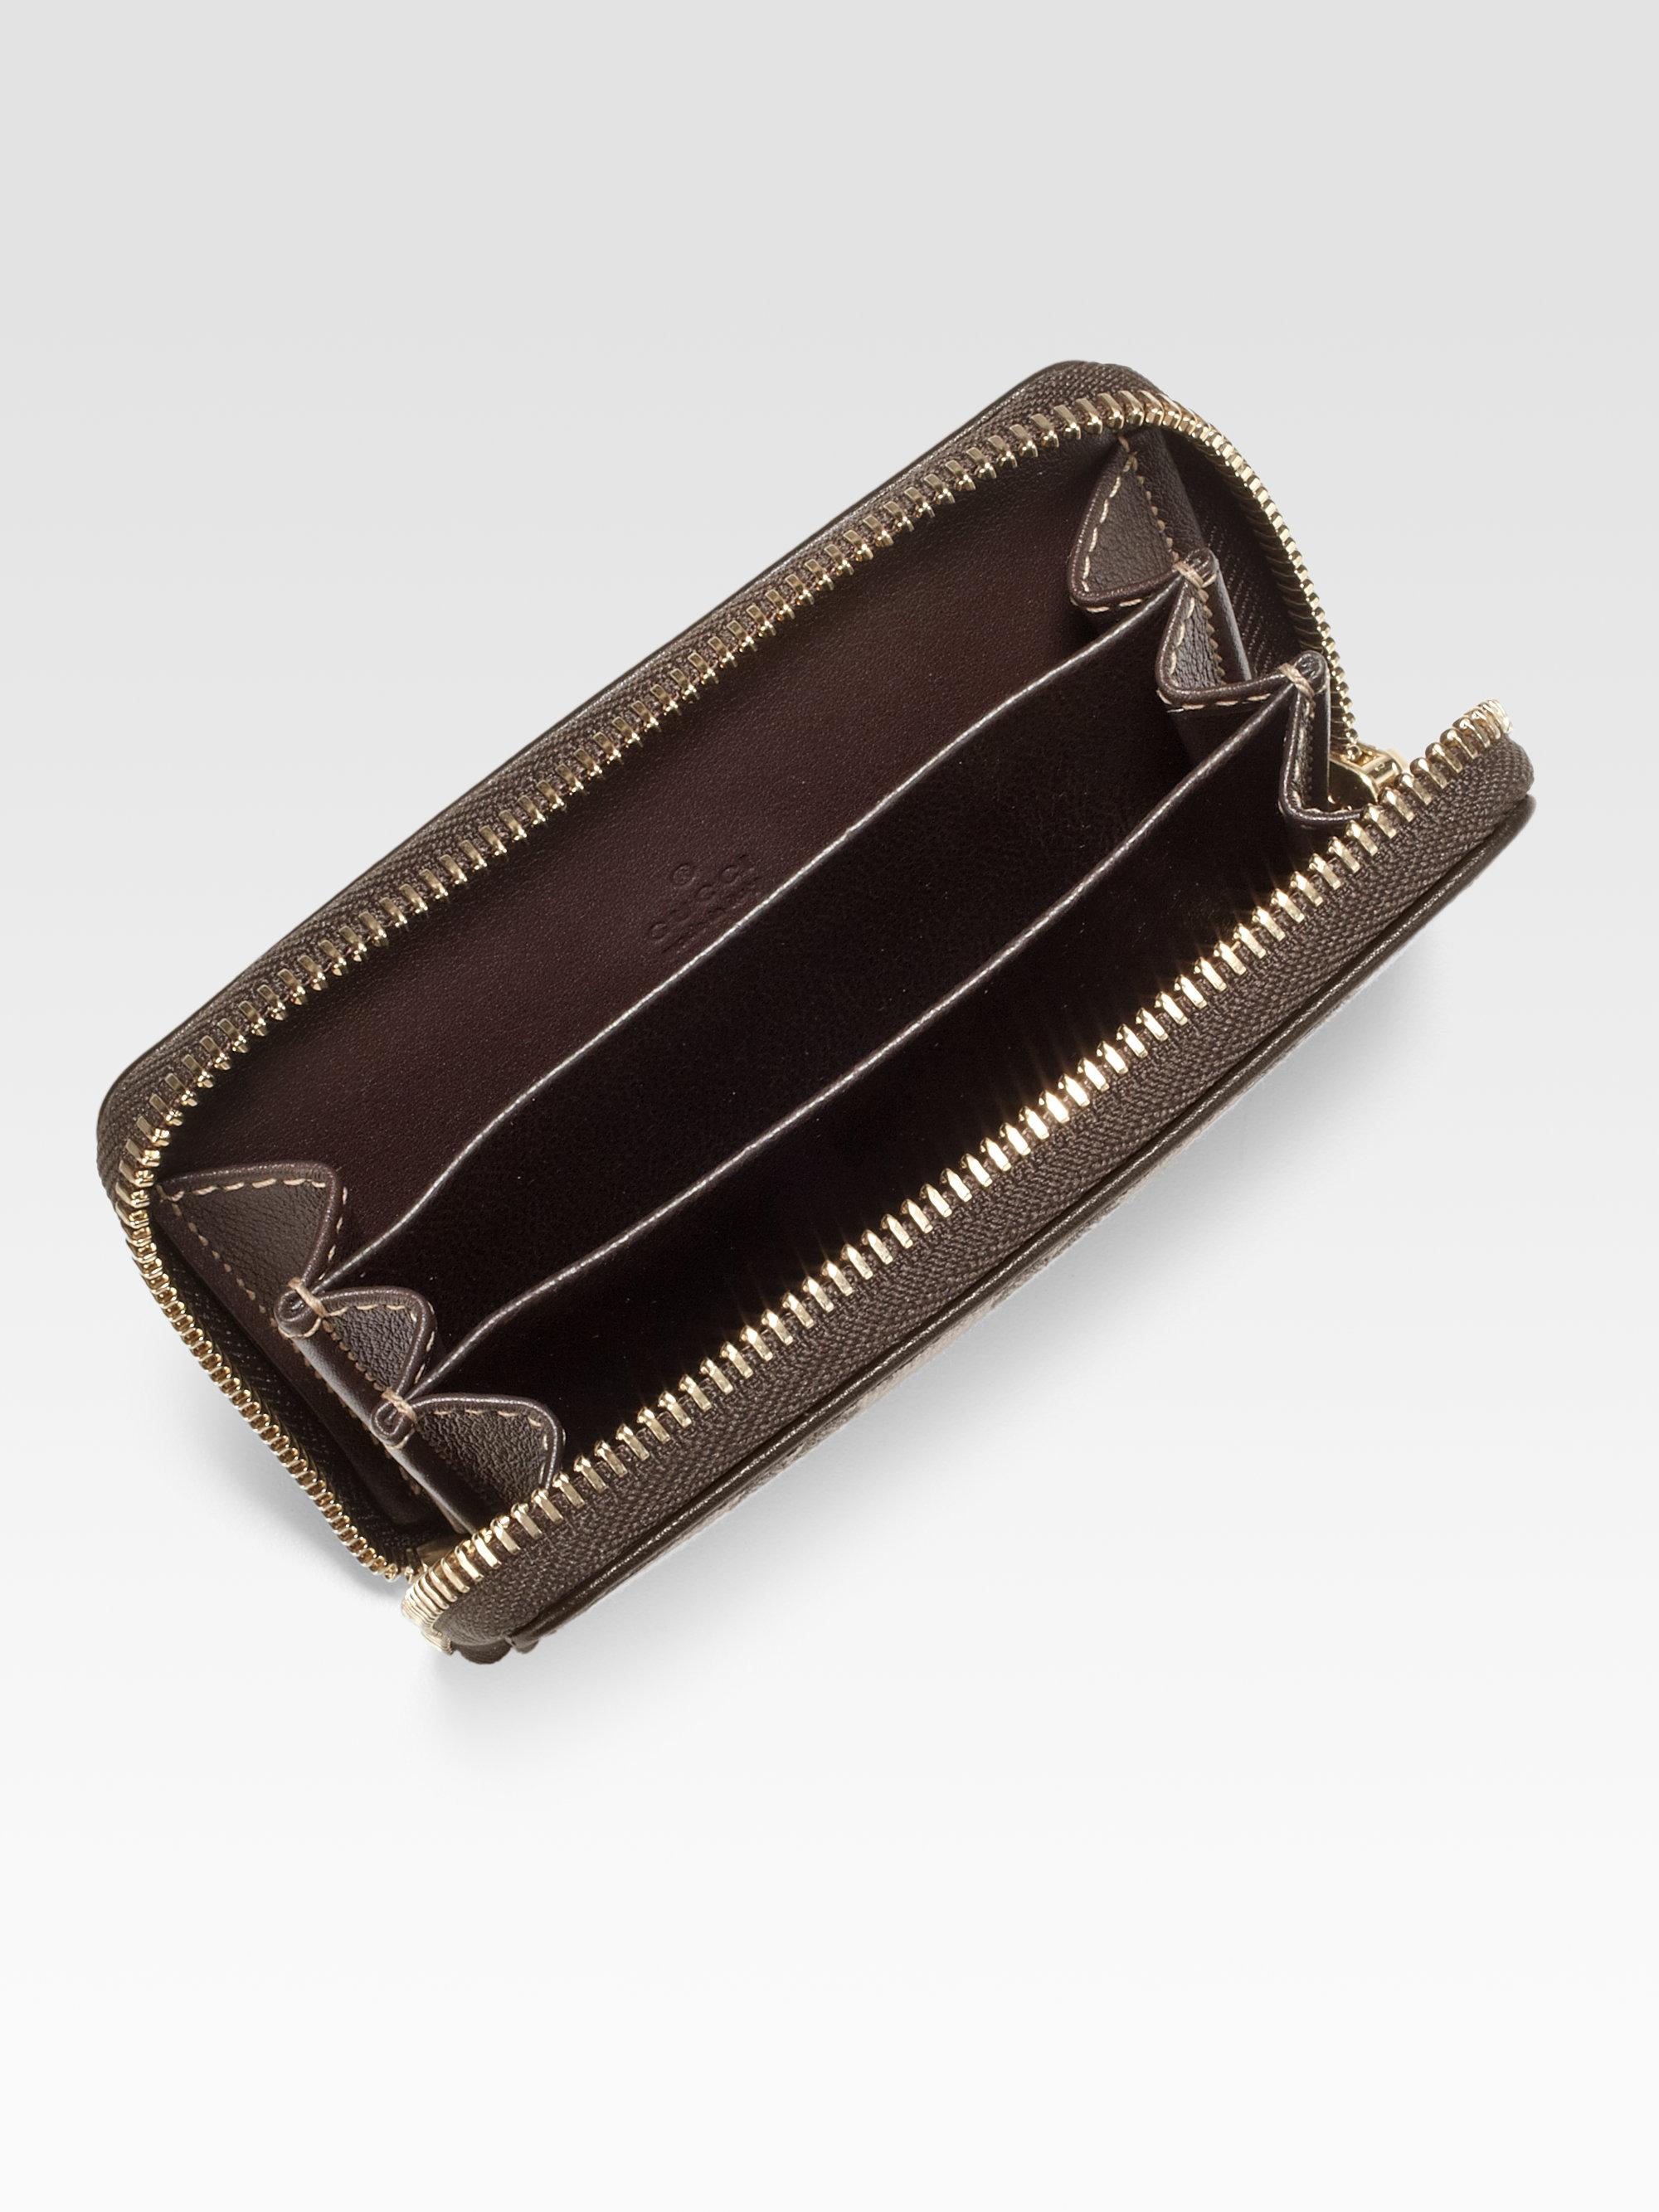 59e9988c4ea Lyst - Gucci Ssima Leather Zip-Around Card Case in Black